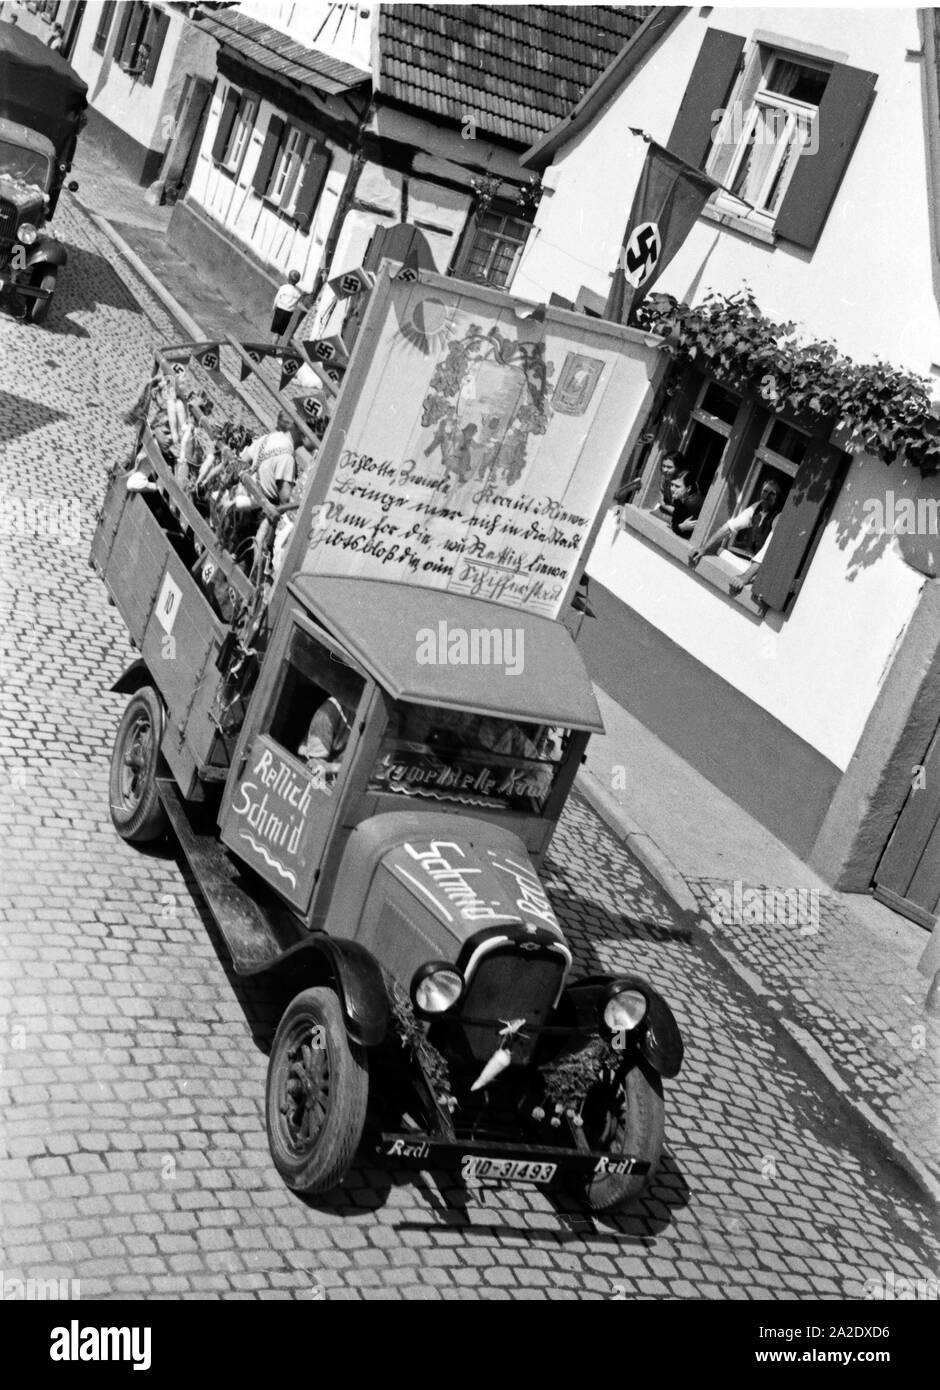 Einzelne Rettichlieferanten, wie hier Rettich Schmid, beim Festzug zum Rettichfest in Schifferstadt, Deutschland, 1930er Jahre. Local radish producers at the pageant of the annual radish fair at Schifferstadt, Germany 1930s. Stock Photo